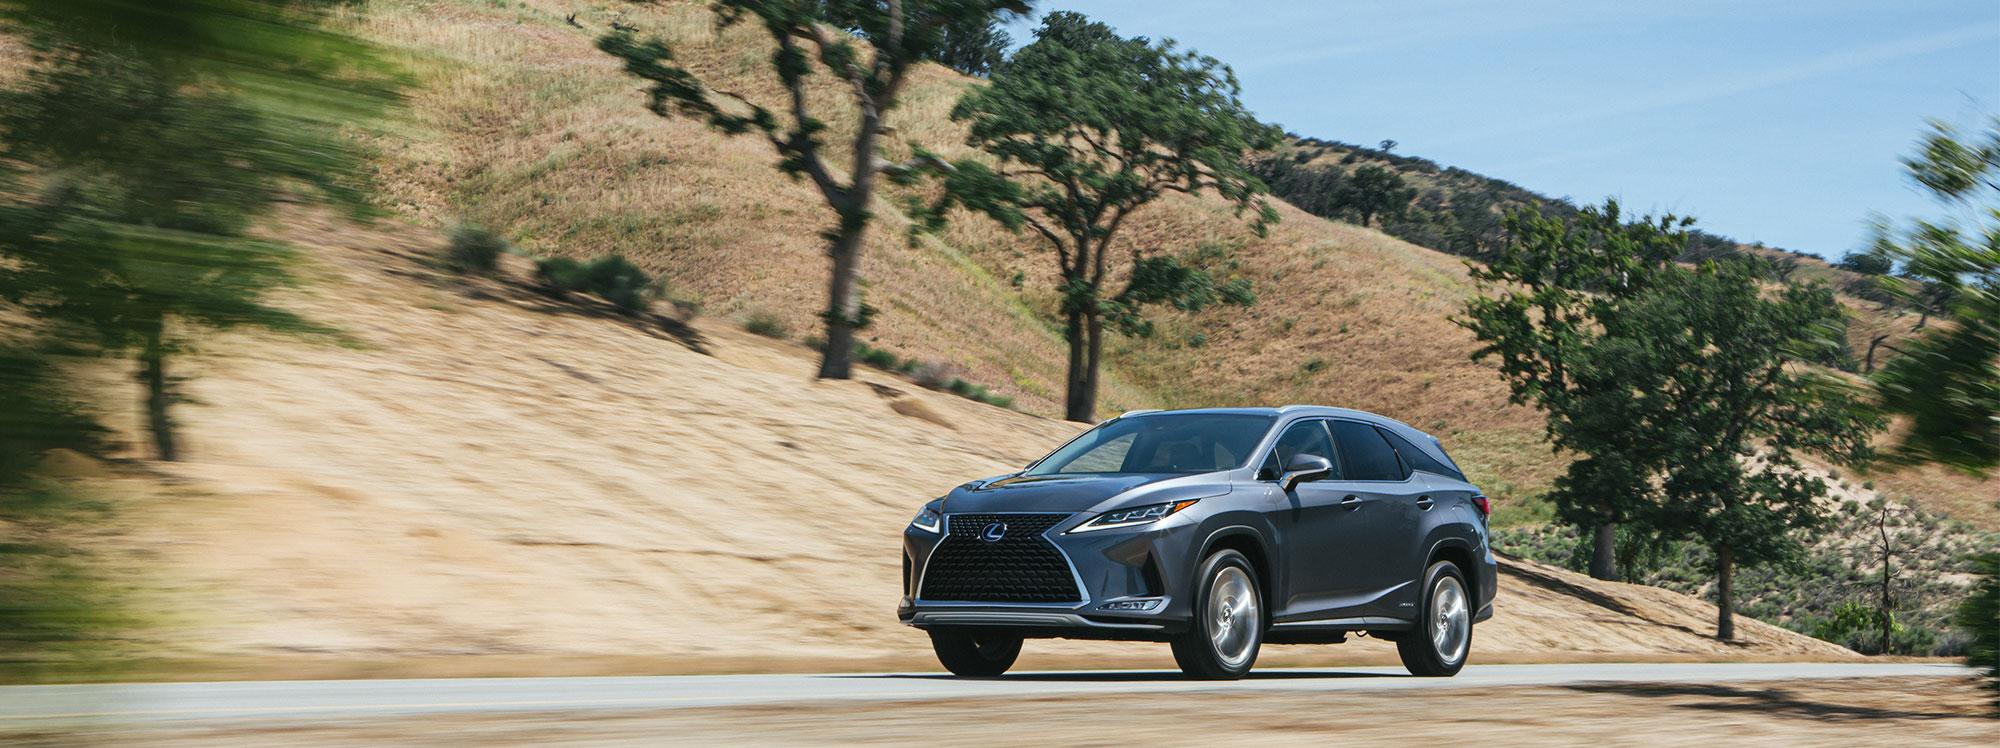 Lexus 2022: lujo y tecnología al volante